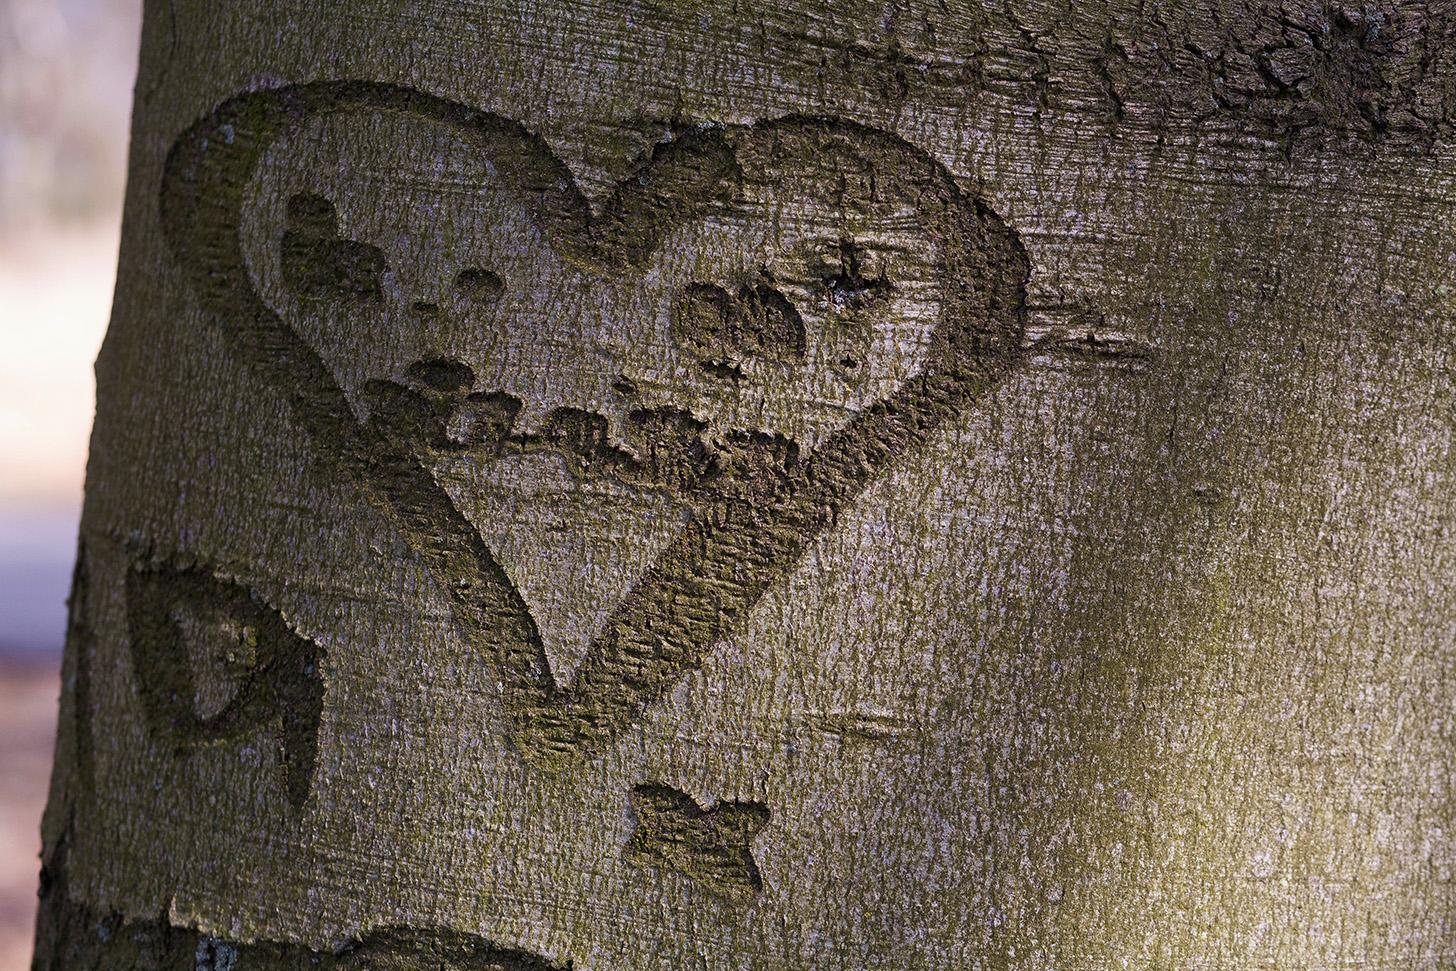 Een liefdesverklaring zoals er zoveel op bomen te vinden zijn; het ware verhaal erachter is slechts weinigen bekend – Foto: ©Yvonne Arentzen